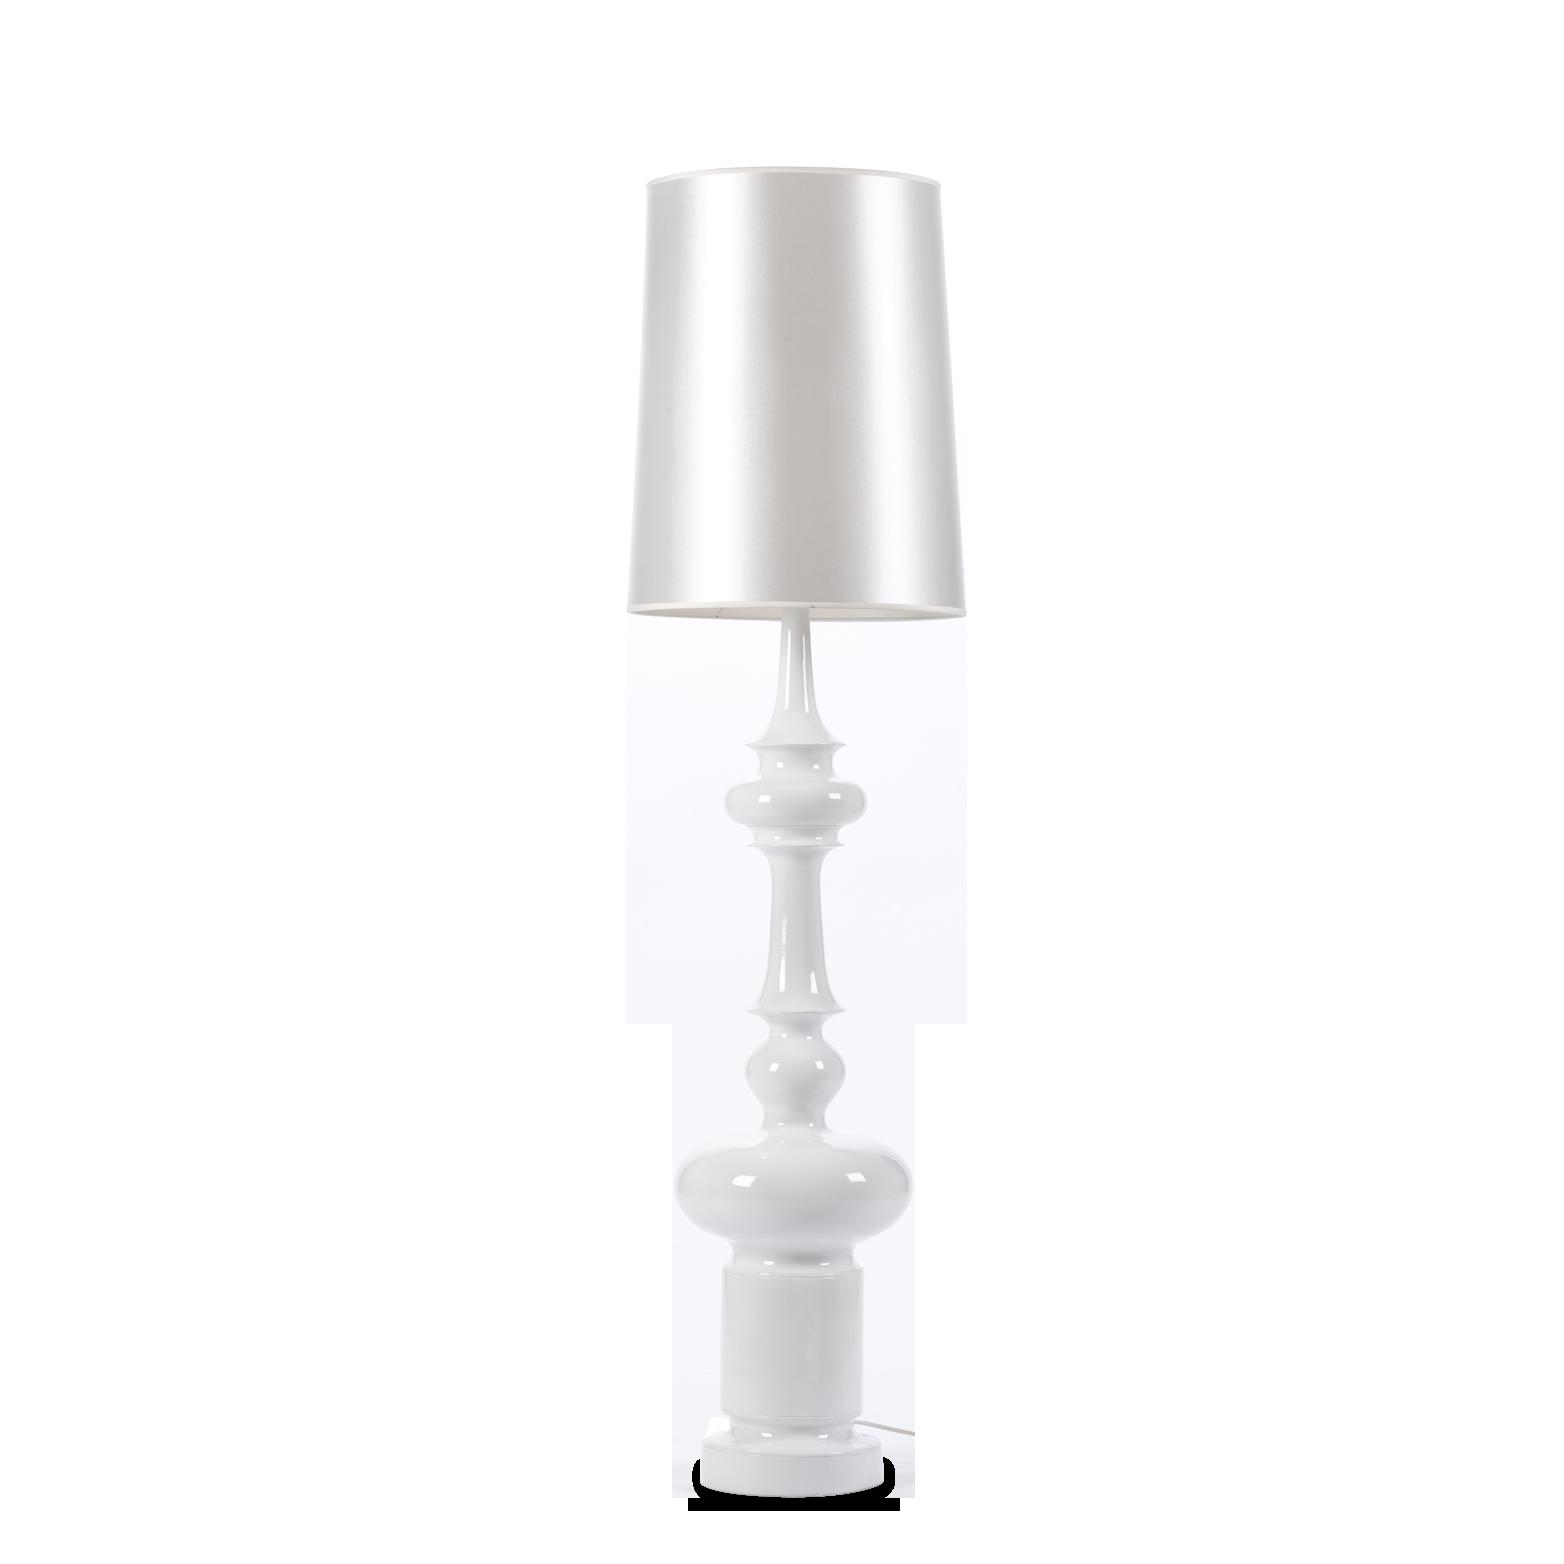 Напольный светильник King биокамин напольный классика в москве недорого